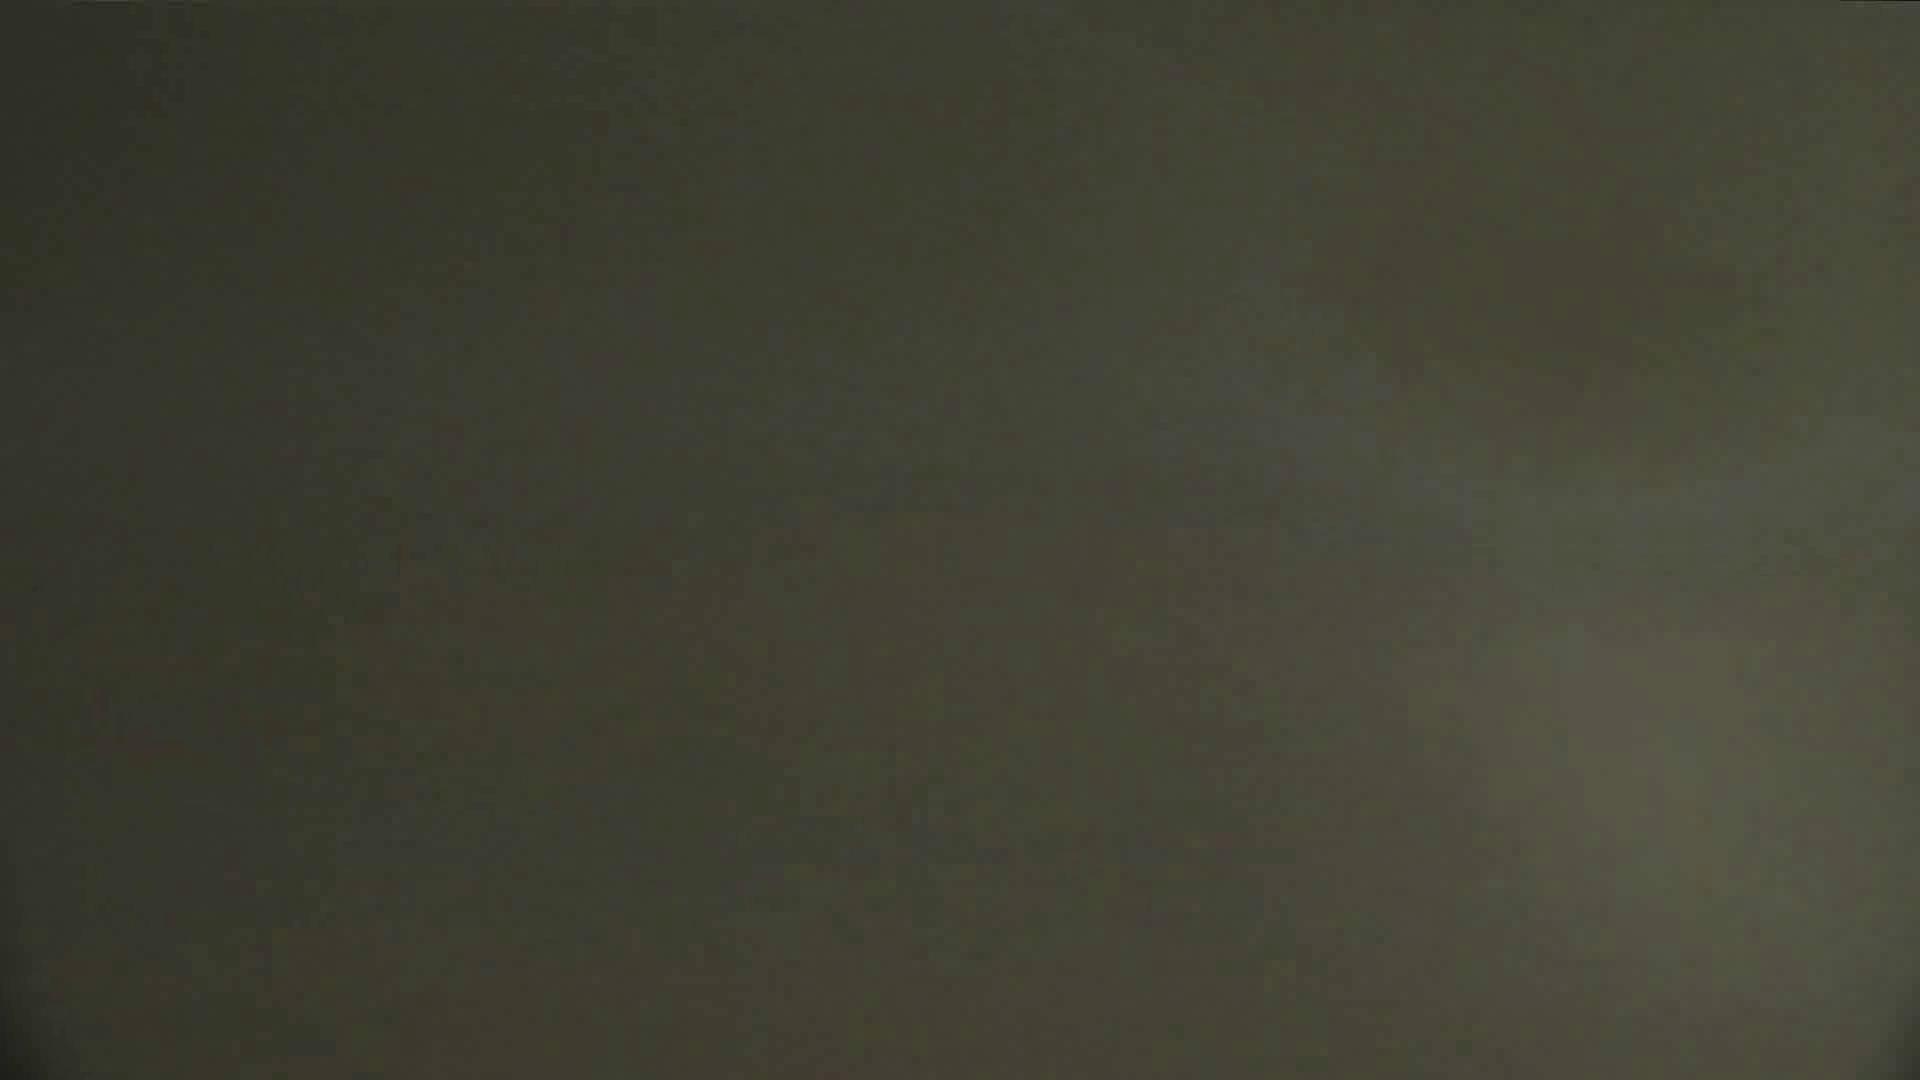 【美しき個室な世界】 vol.023 めんこい人たち 洗面所  100pic 51